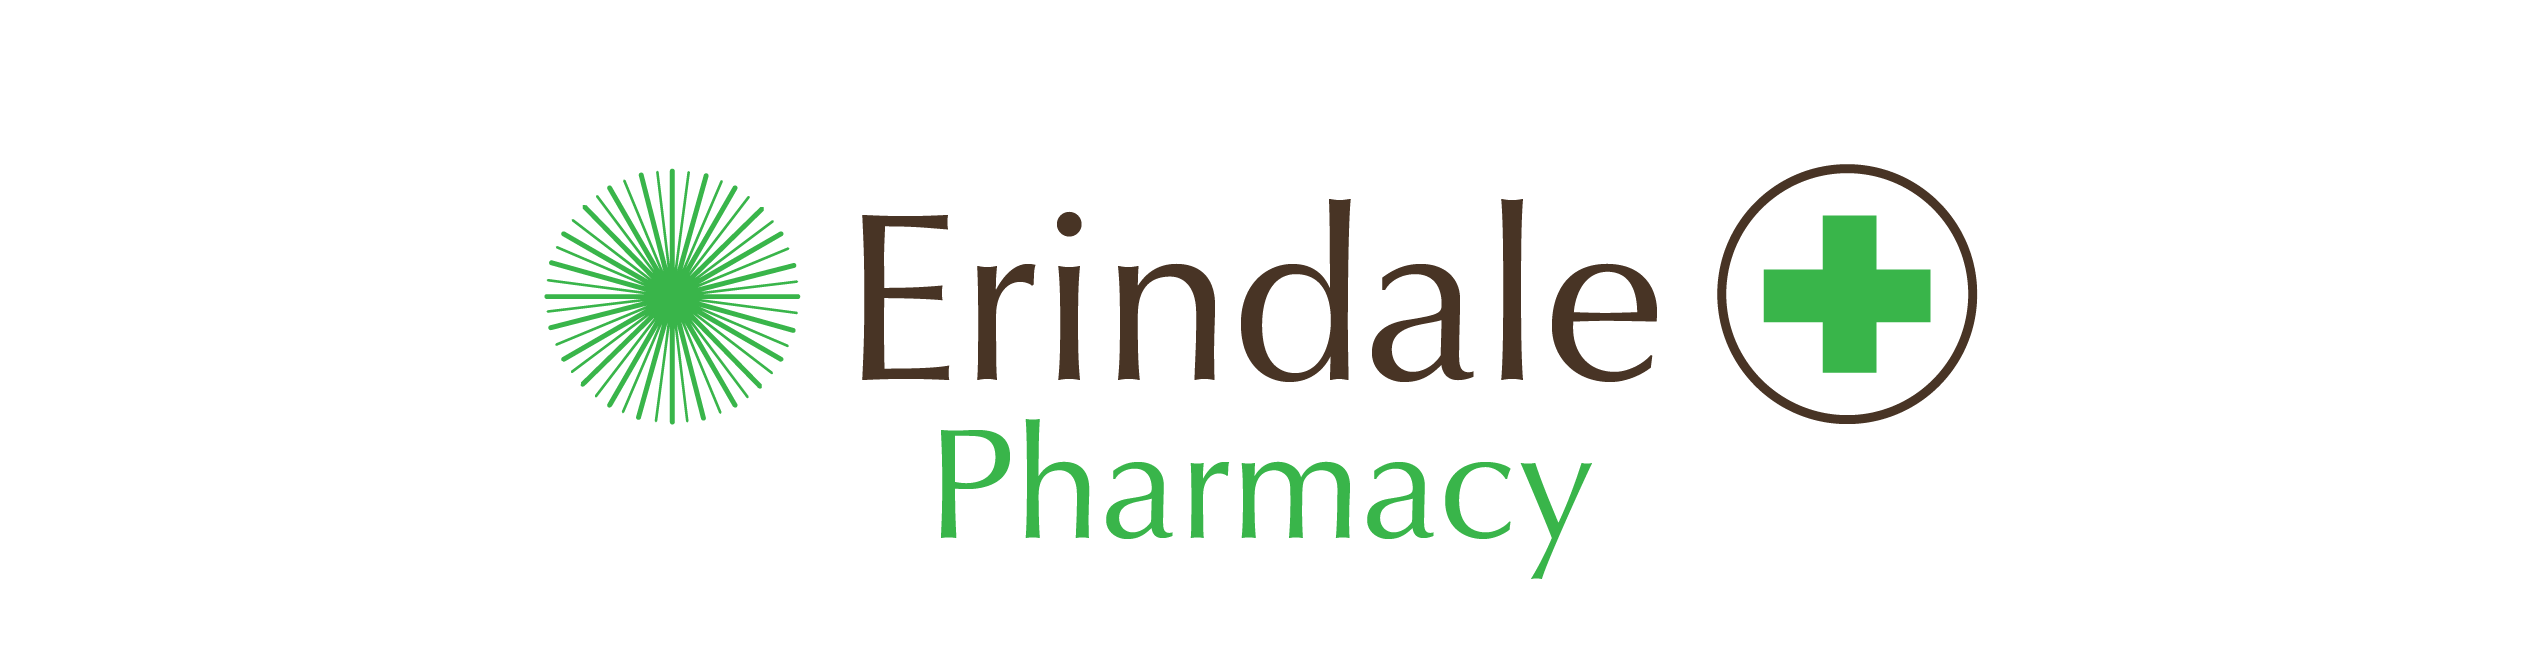 Erindale_LifePharmacy LOGO_stacked